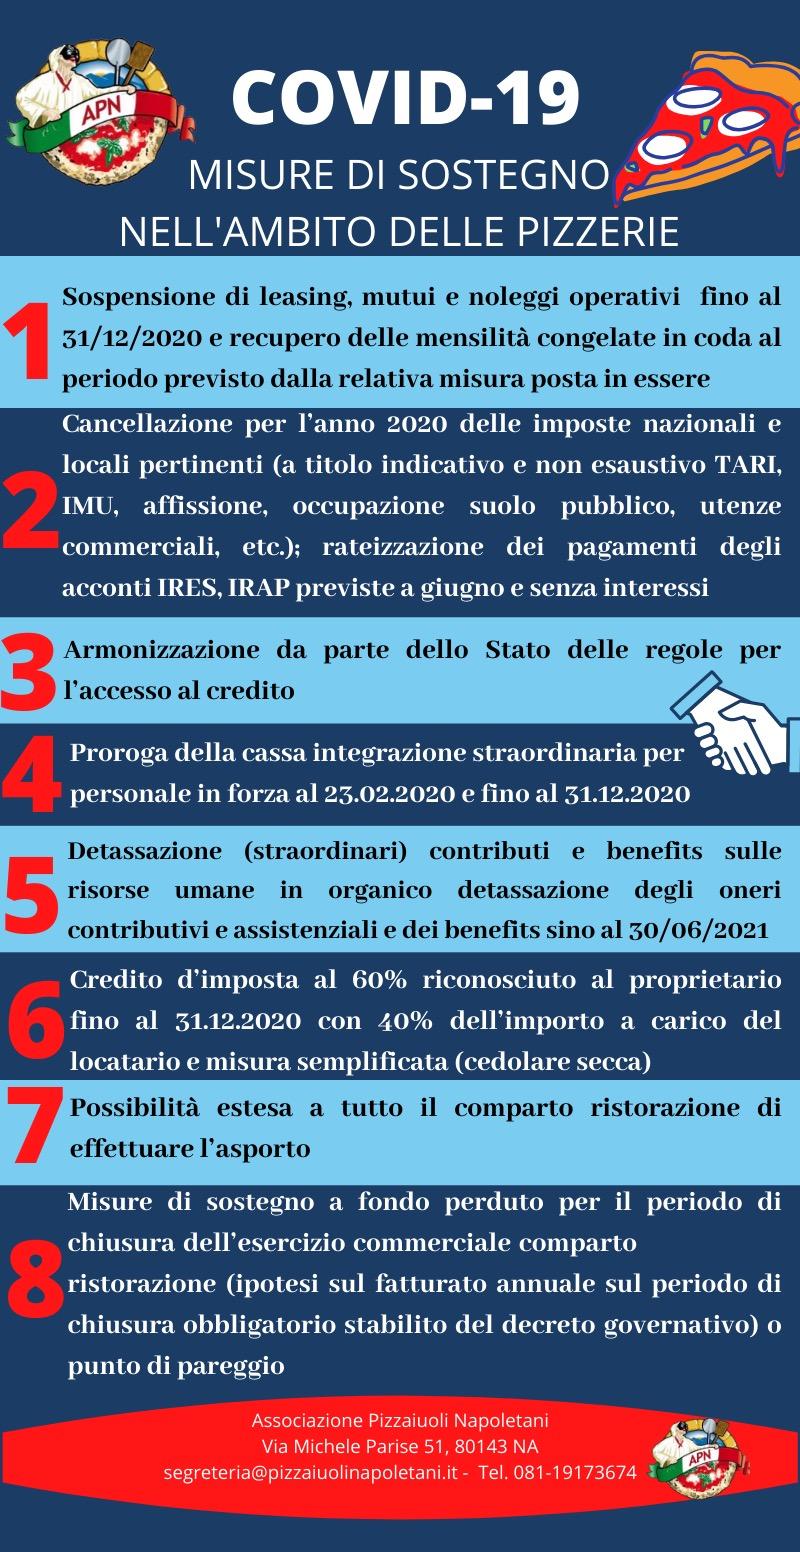 La rete della ristorazione italiana cresce e rinnova le richieste al governo